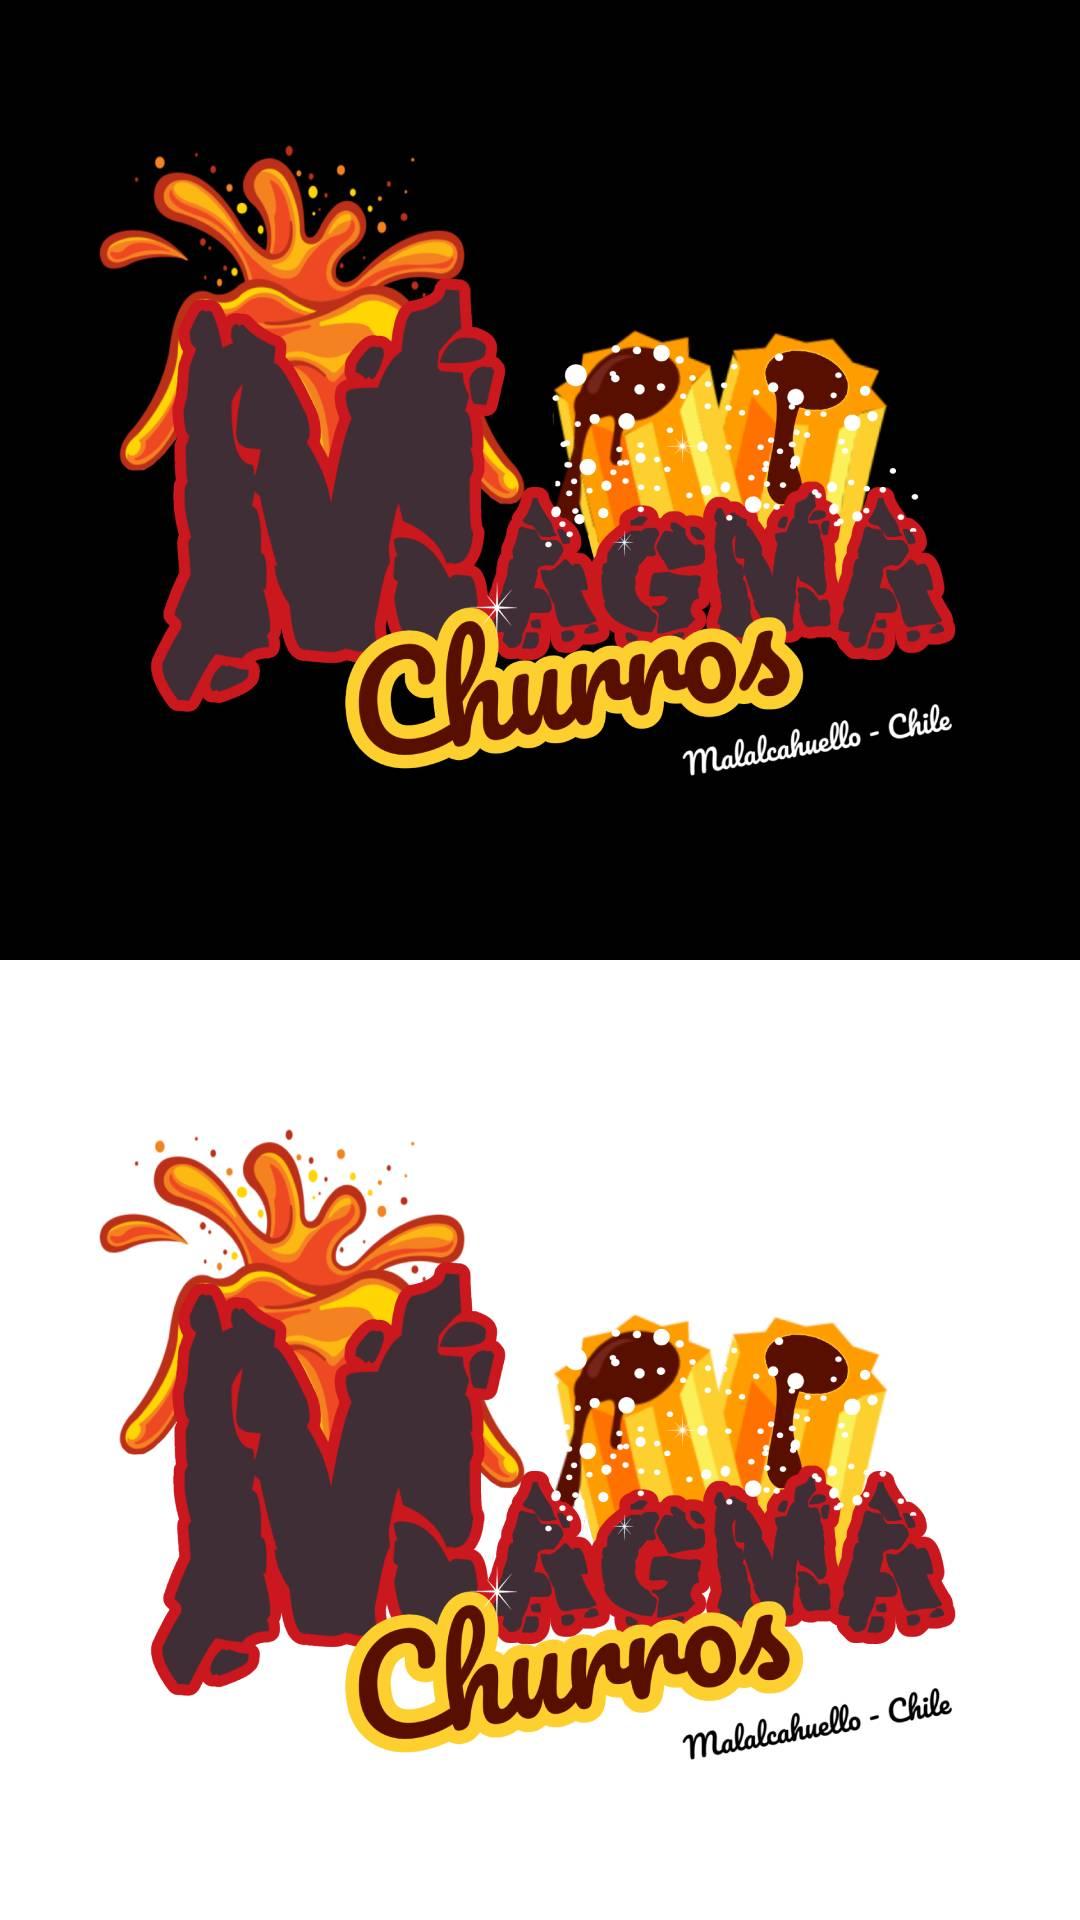 Magma Churros Malalcahuello Chile